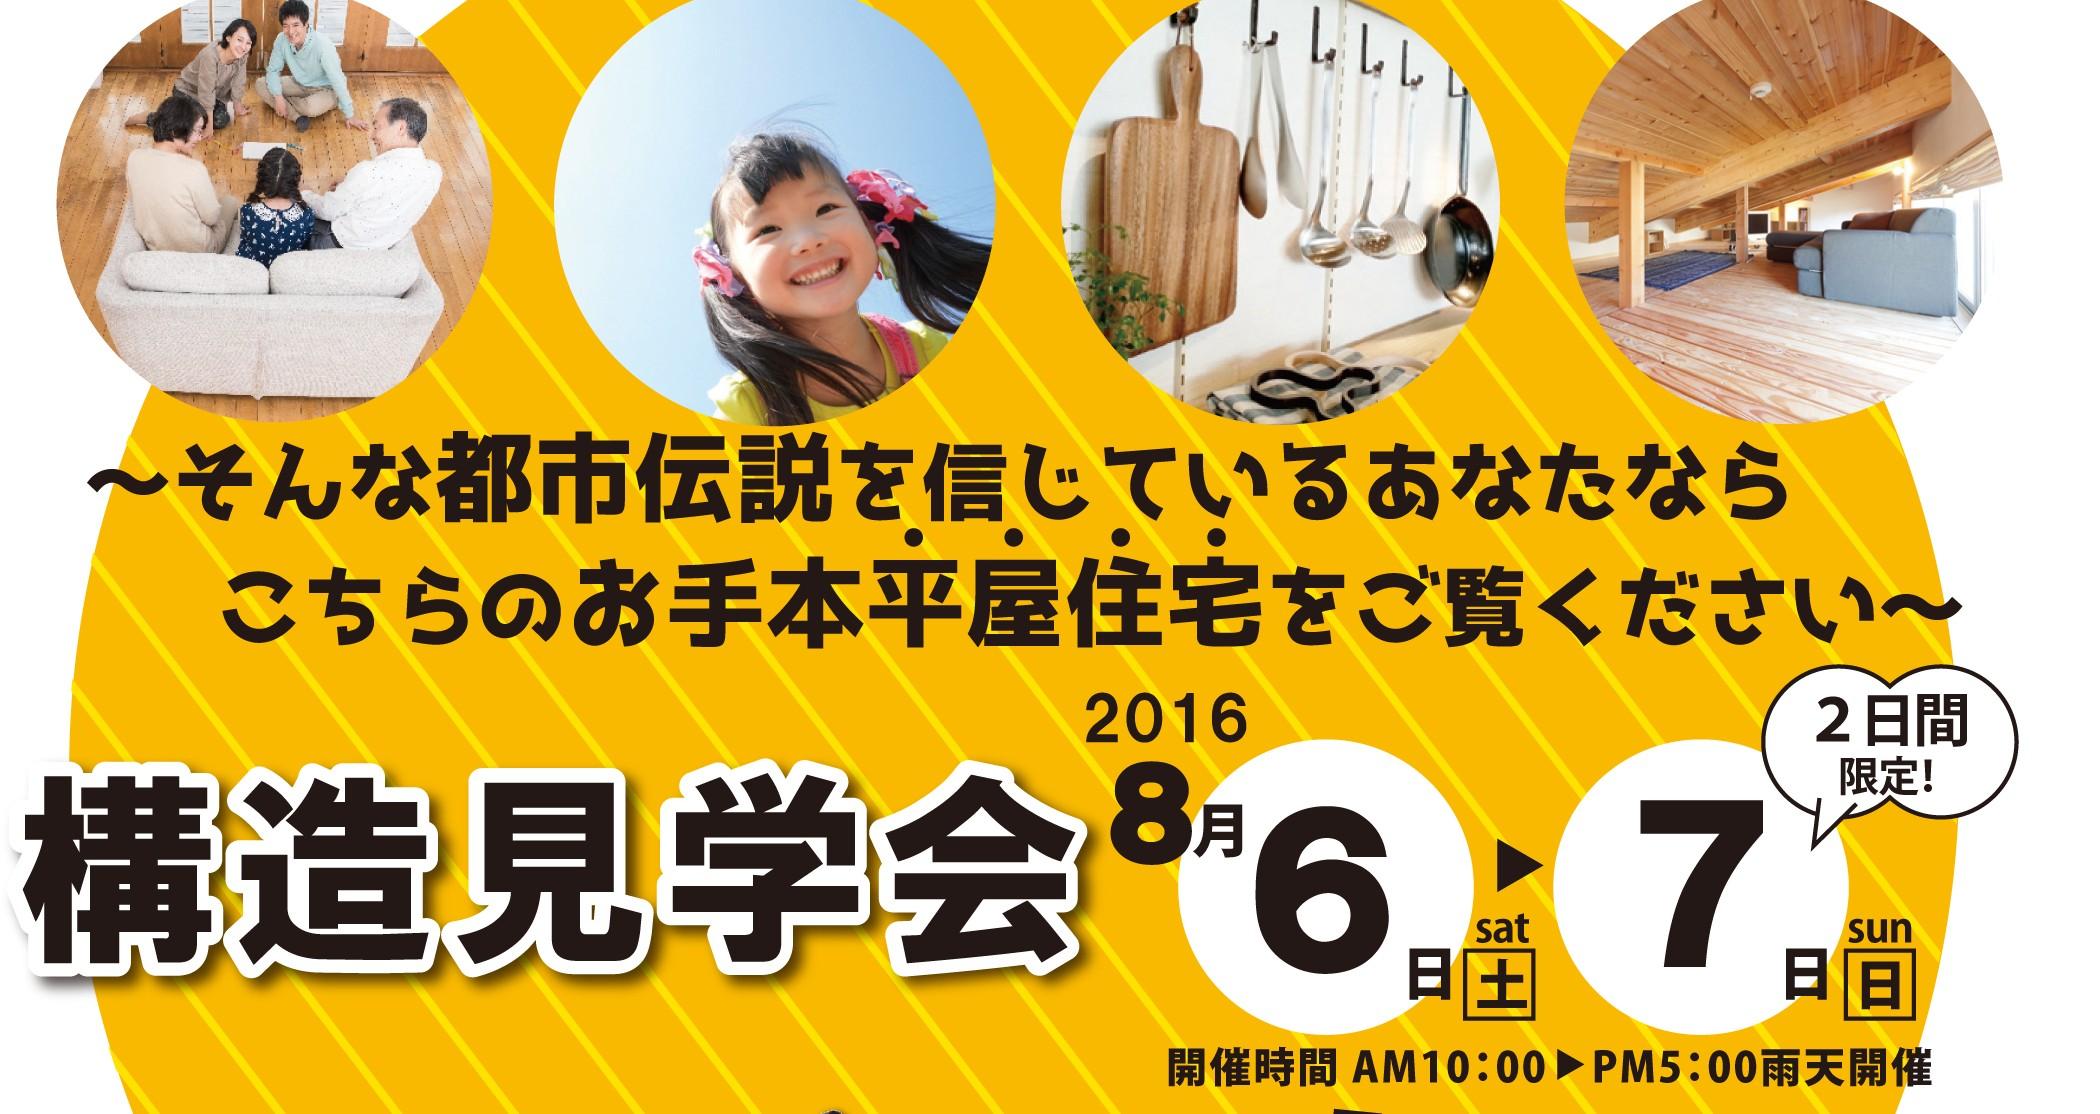 【終了しました。】水元工務店 構造見学会を開催    平成28年8月6日、7日